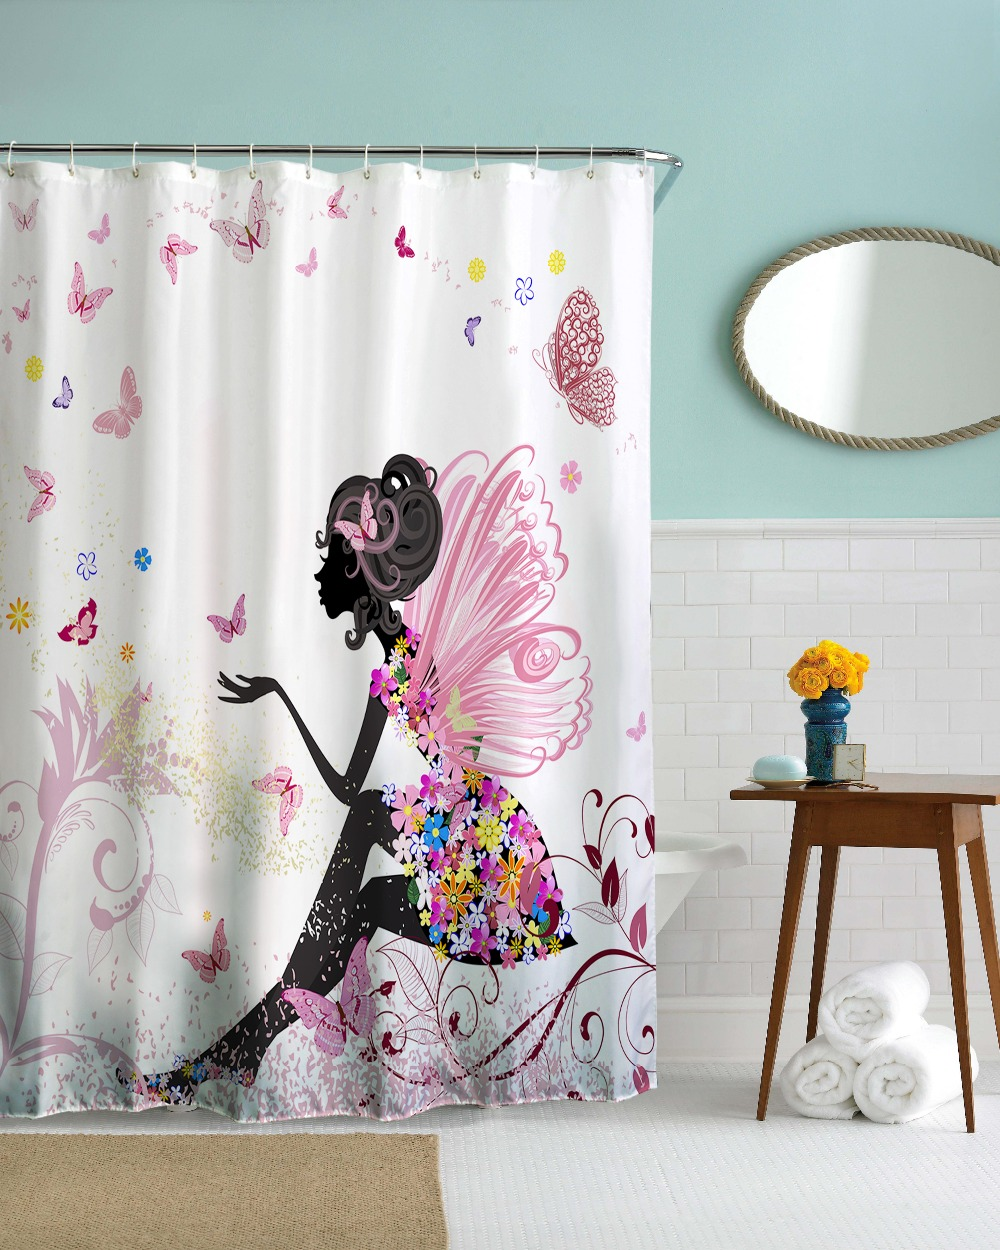 Fairy shower curtain - 3d Creative Butterfly Girl Fairy Waterproof Shower Curtain Polyester Fabric Bathroom Decoration Bath Curtains 180x180cm